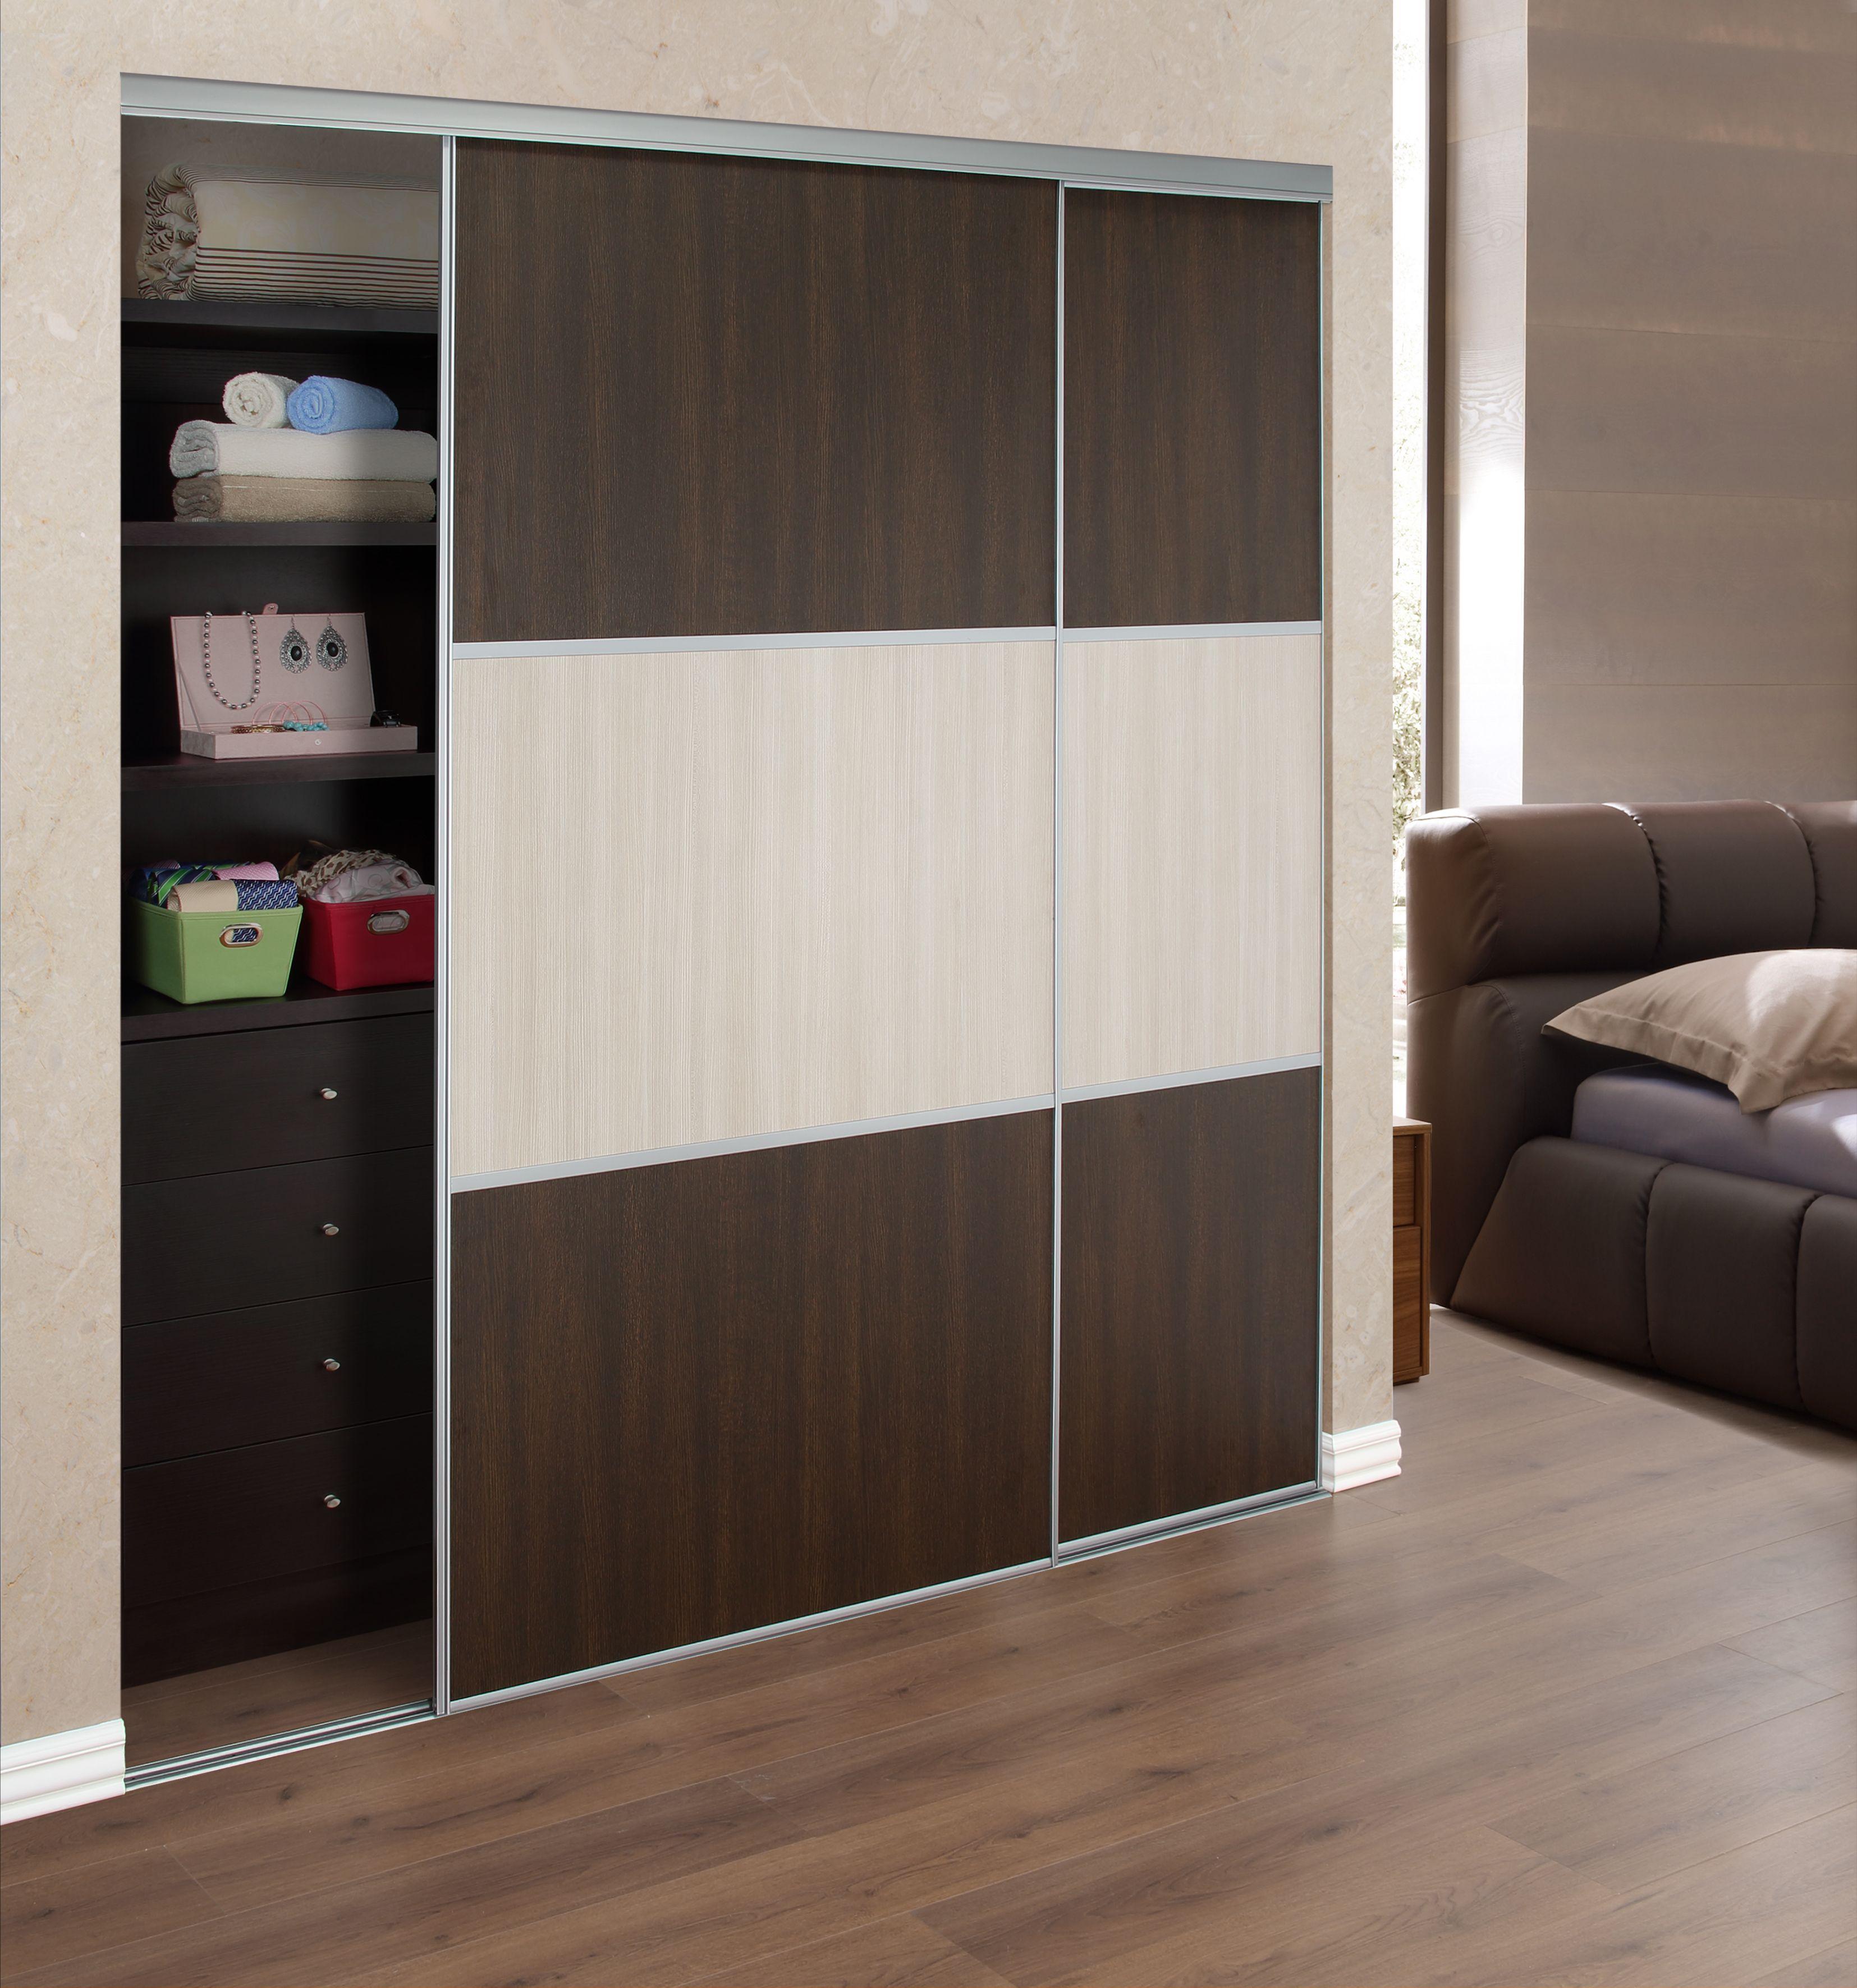 mejora la decoraci n de la habitaci n con unas modernas